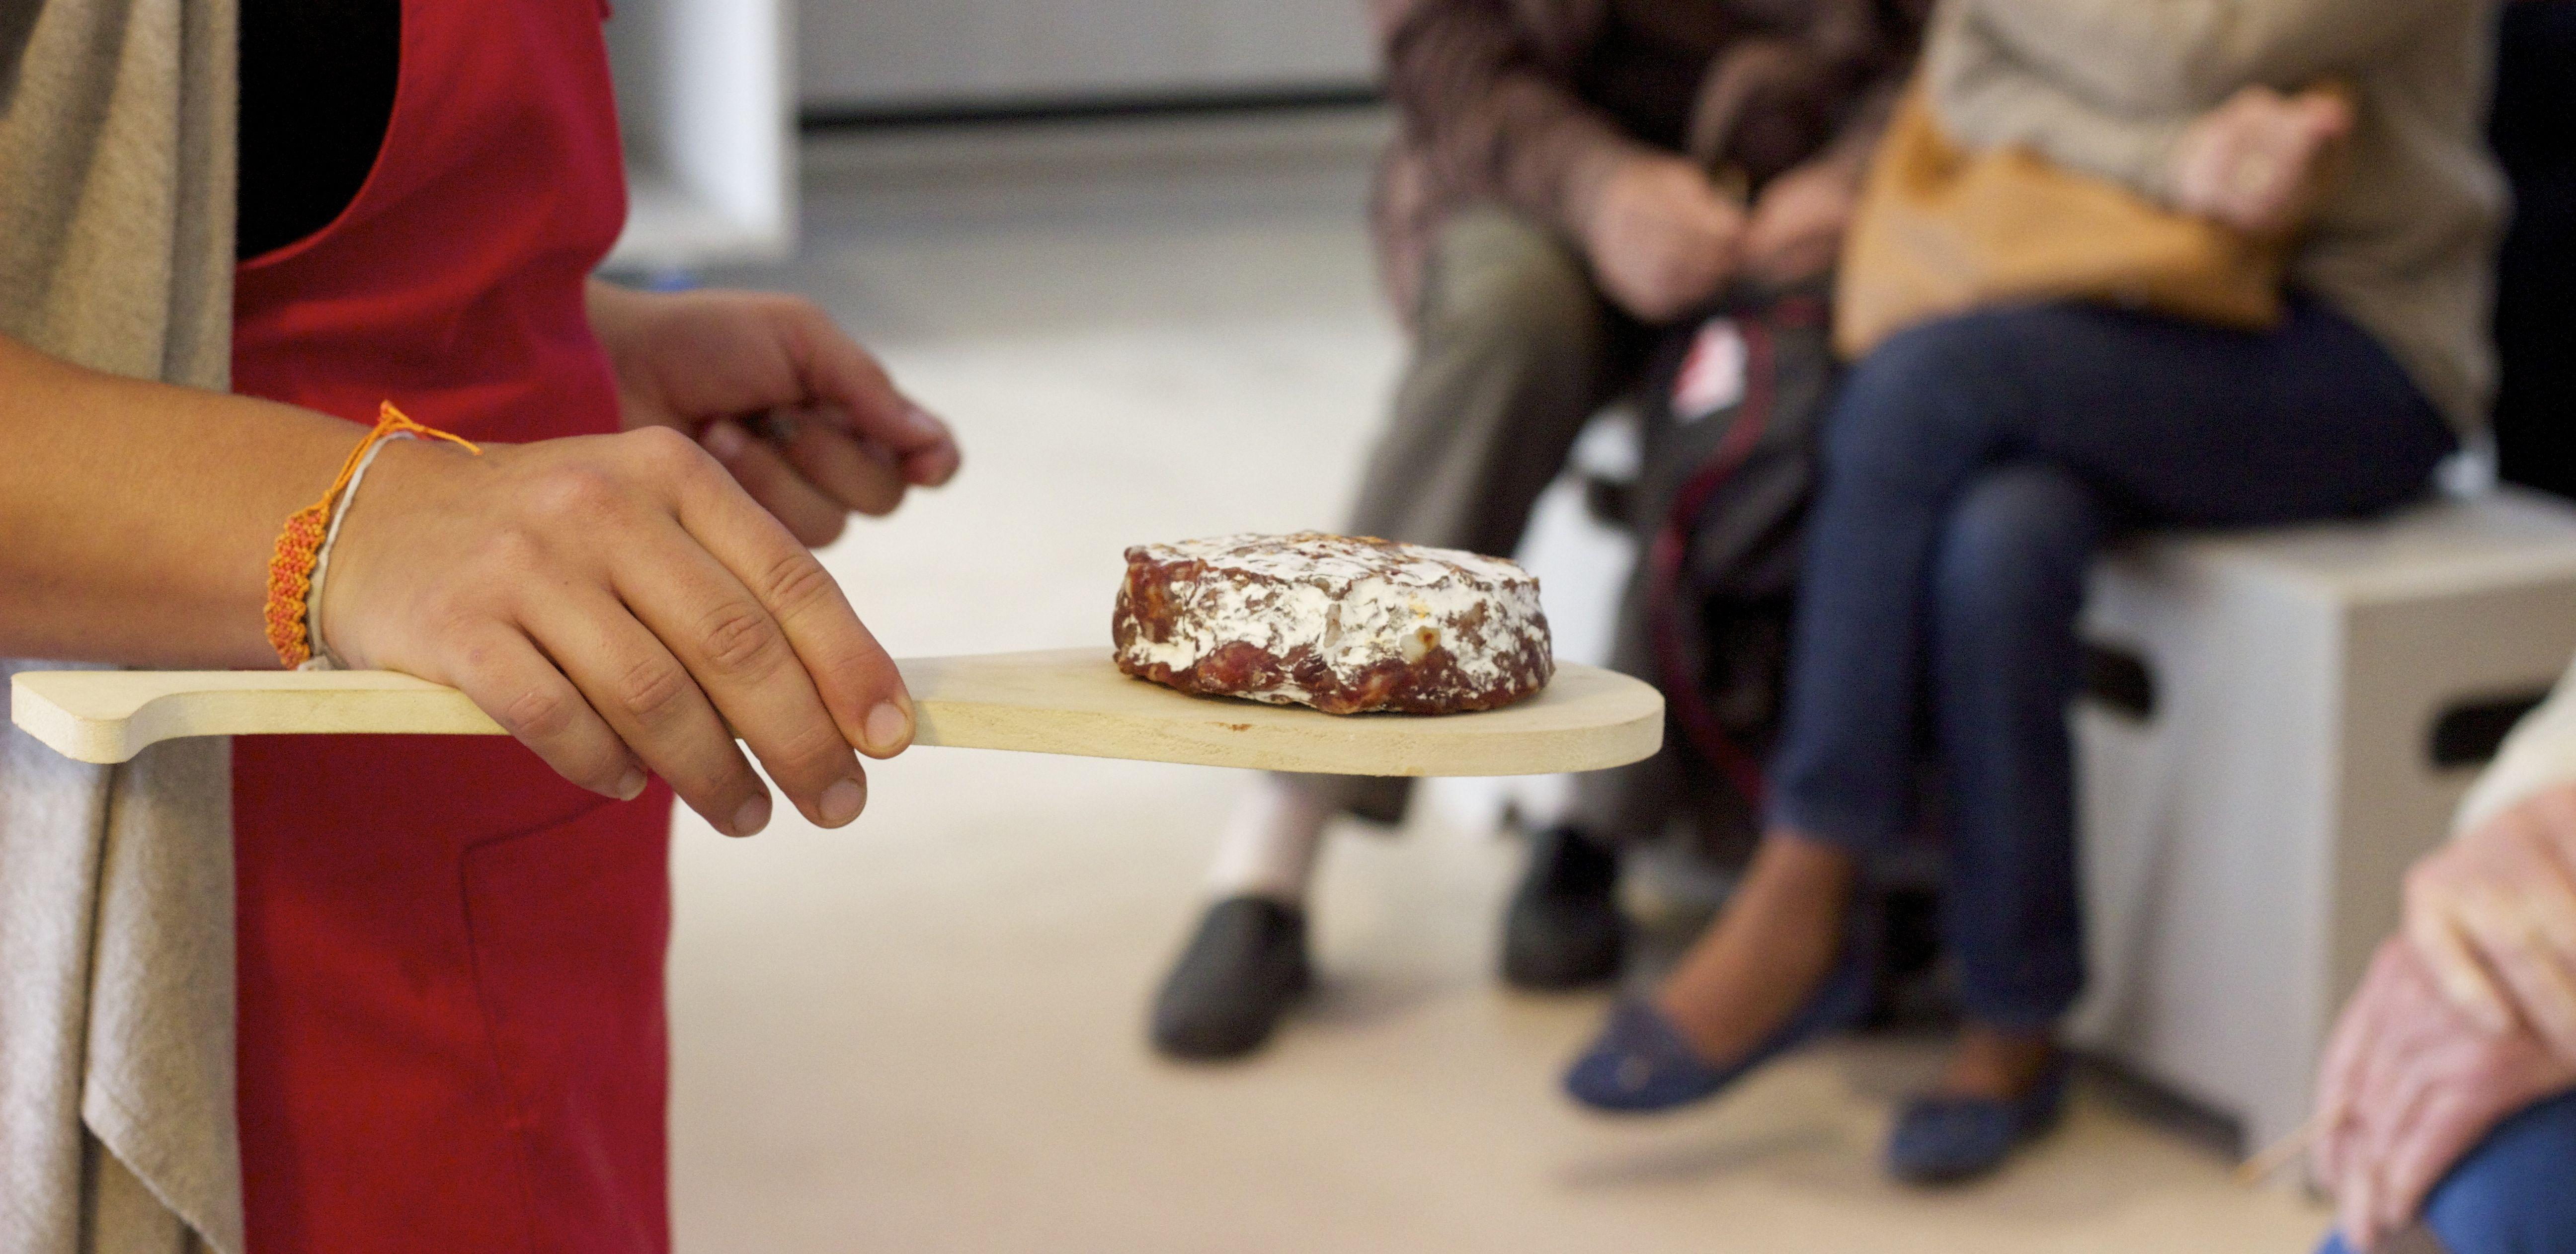 seminaire-pays-basque-le-cercle-saucisson-piment-espelette